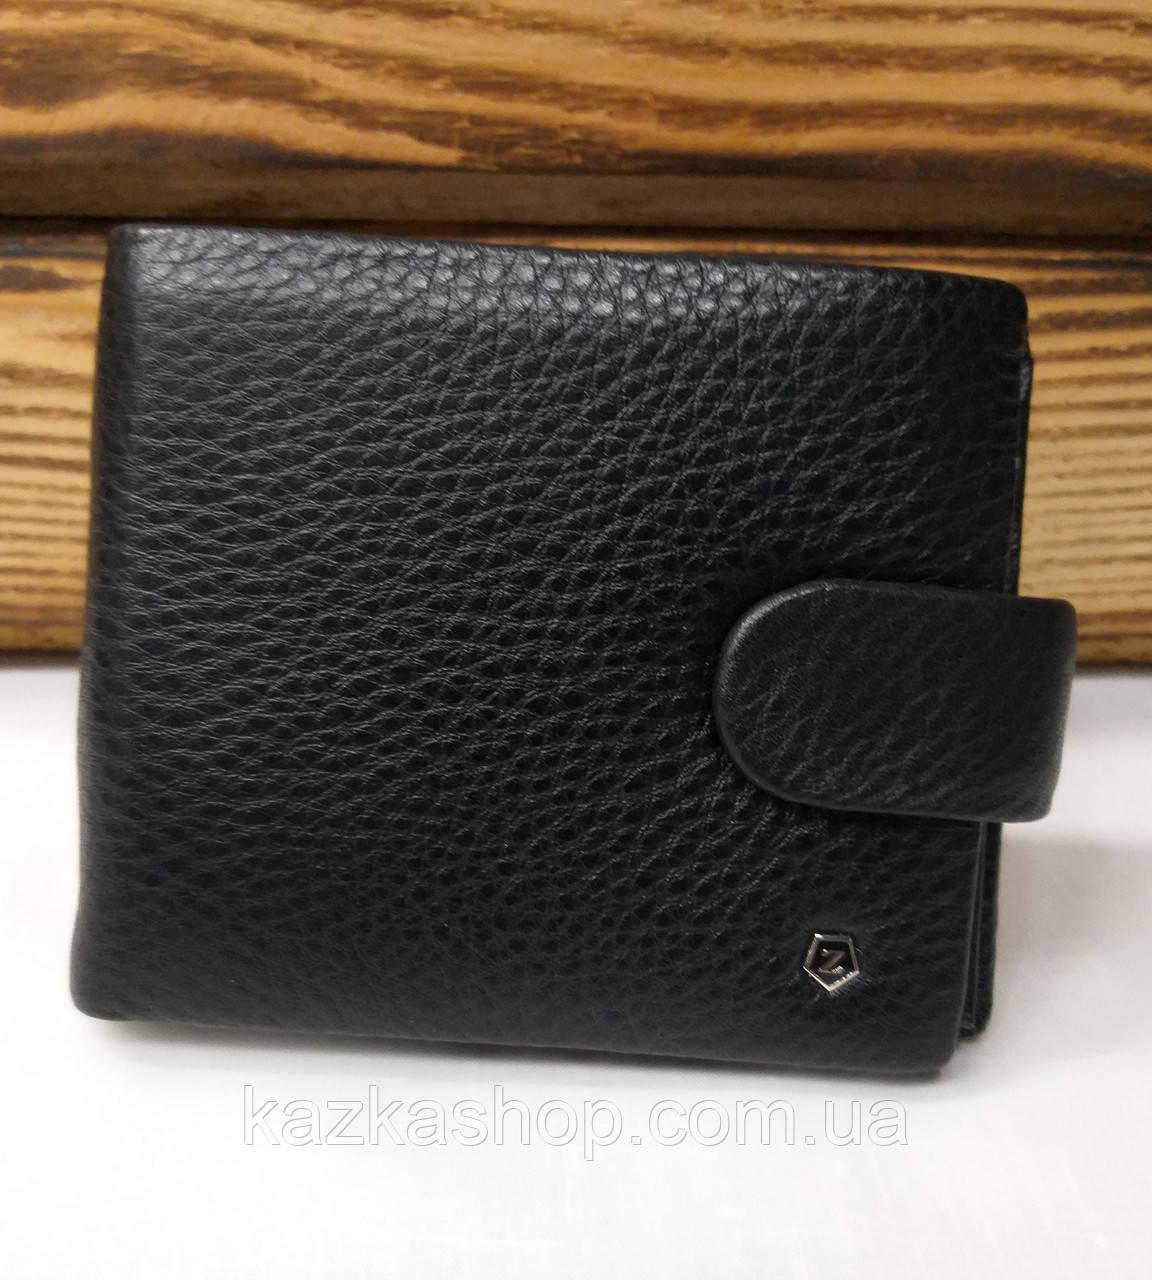 Мужской кошелек из натуральной кожи, 3 купюрницы, 7 отделов для карт, застежка на кнопке, черный цвет